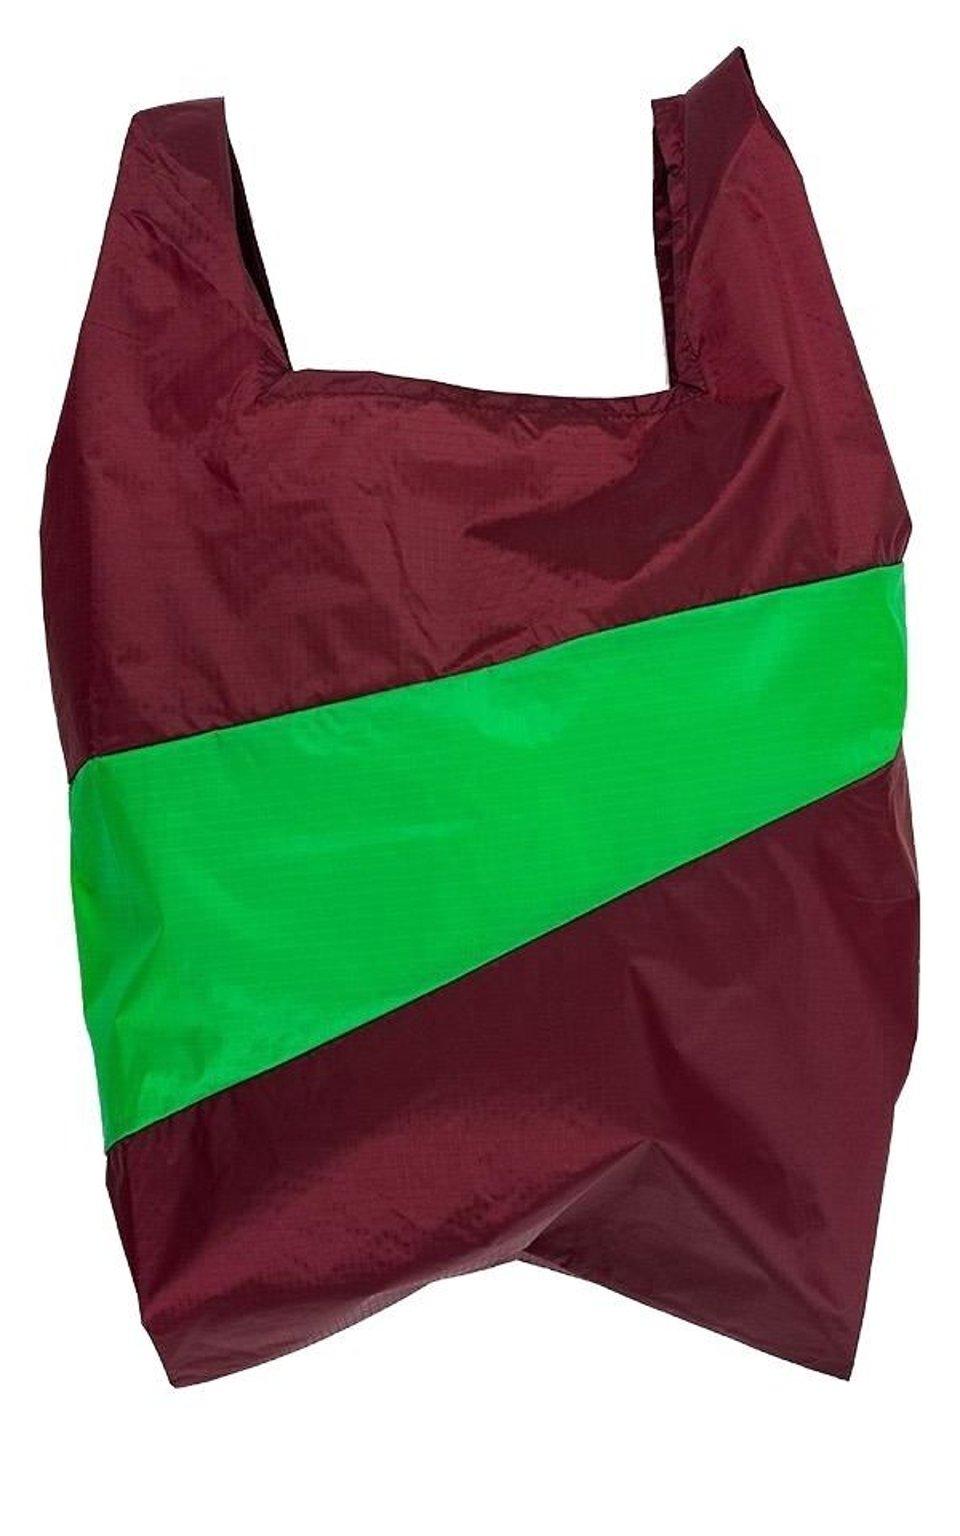 Shopping Bag #9